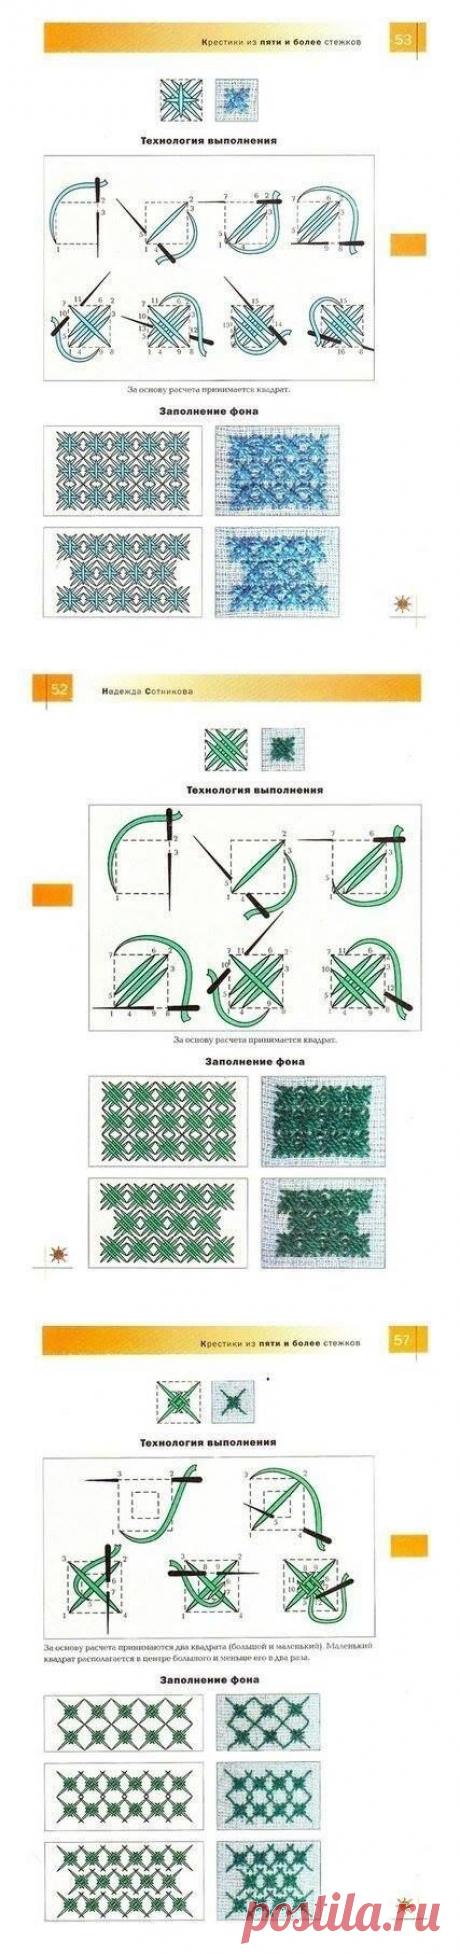 Интересные стежки для вышивания